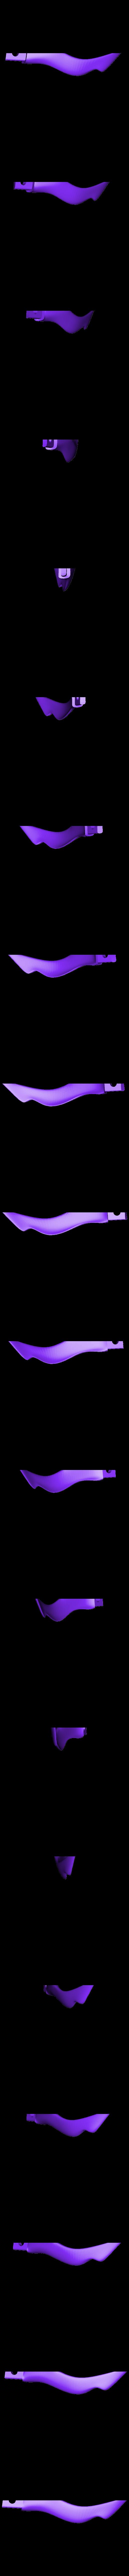 Dragon_MrkI_top.stl Télécharger fichier STL gratuit Superbes cadres quadruples à l'allure géniale • Plan pour impression 3D, Fastidious_Rex